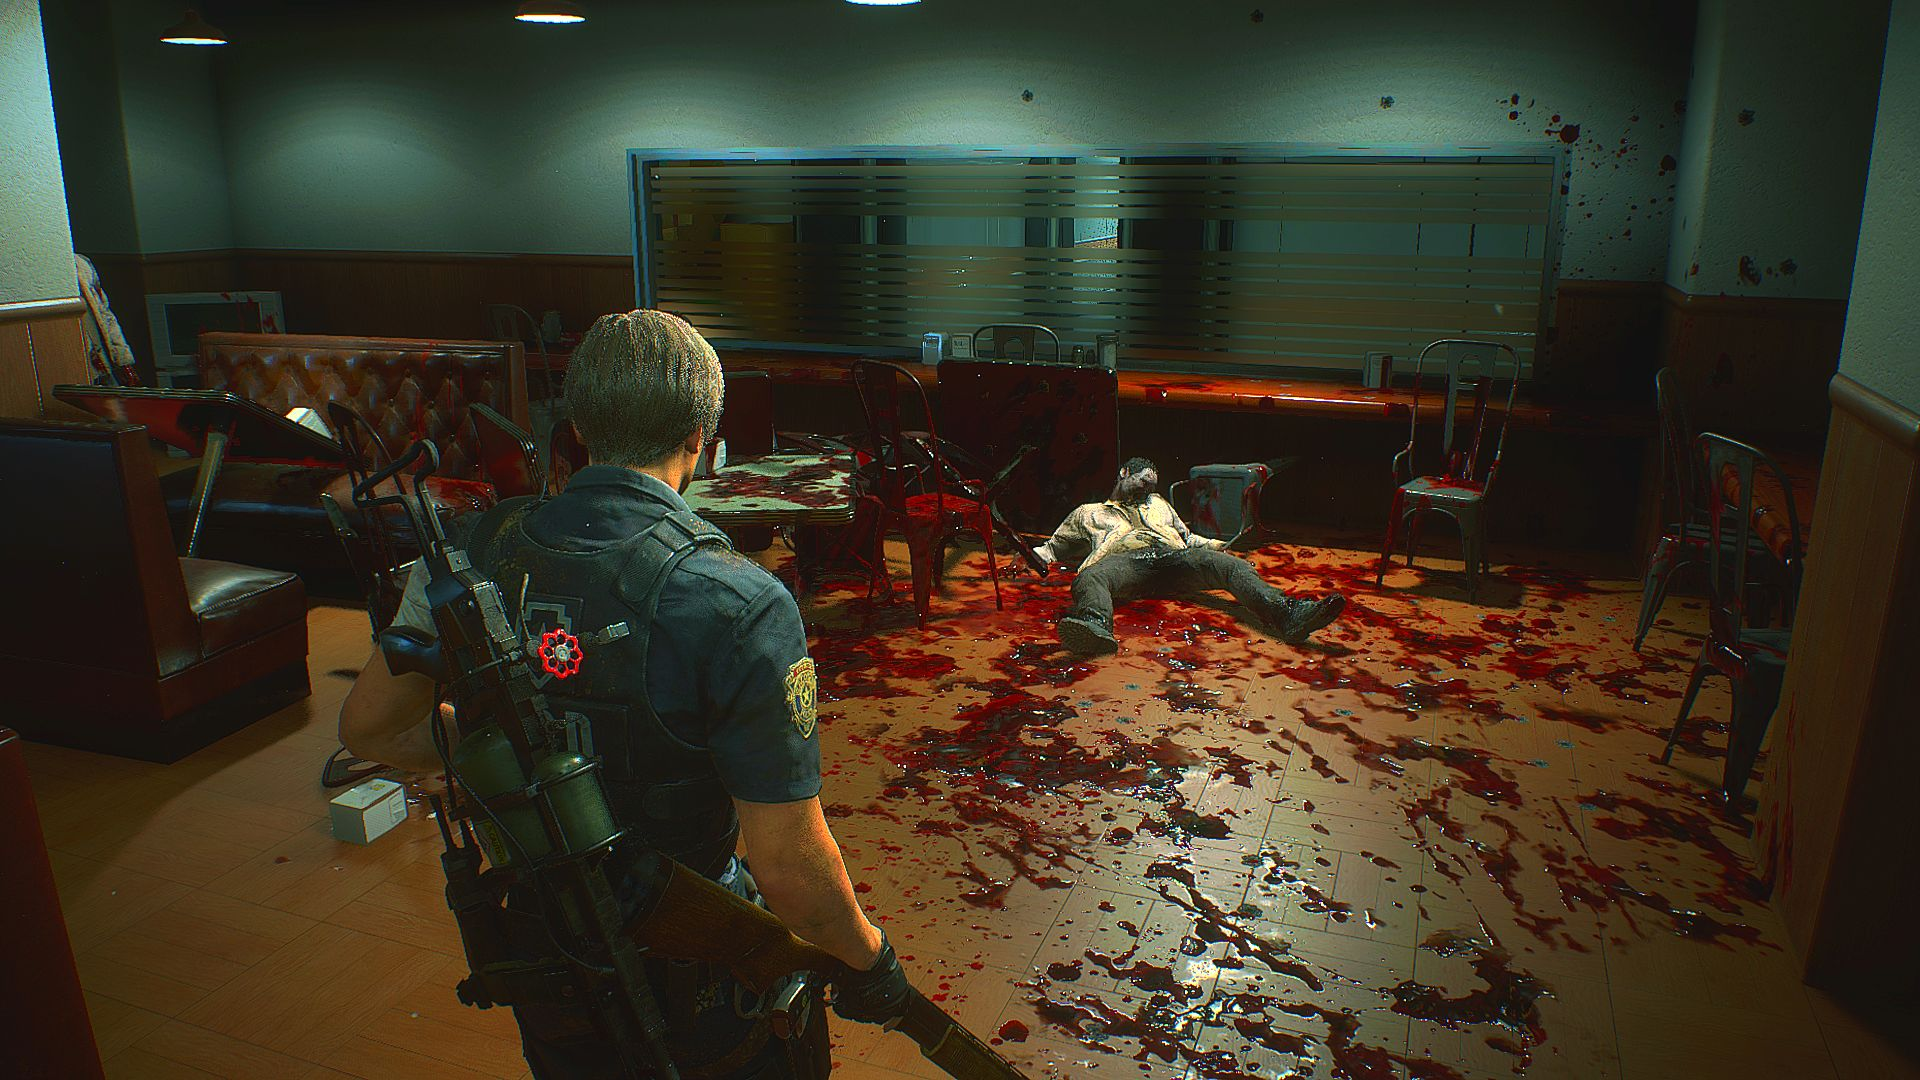 000205.Jpg - Resident Evil 2